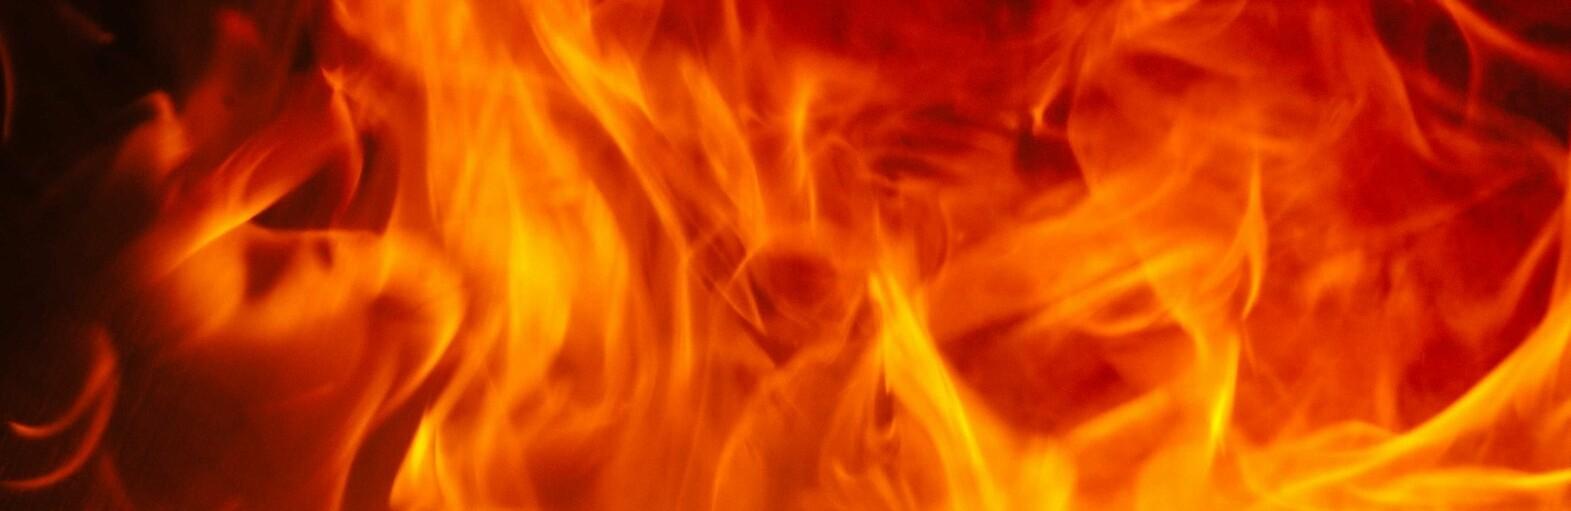 В Одессе горела квартира, 21-летняя девушка в тяжелом состоянии, - ФОТО0